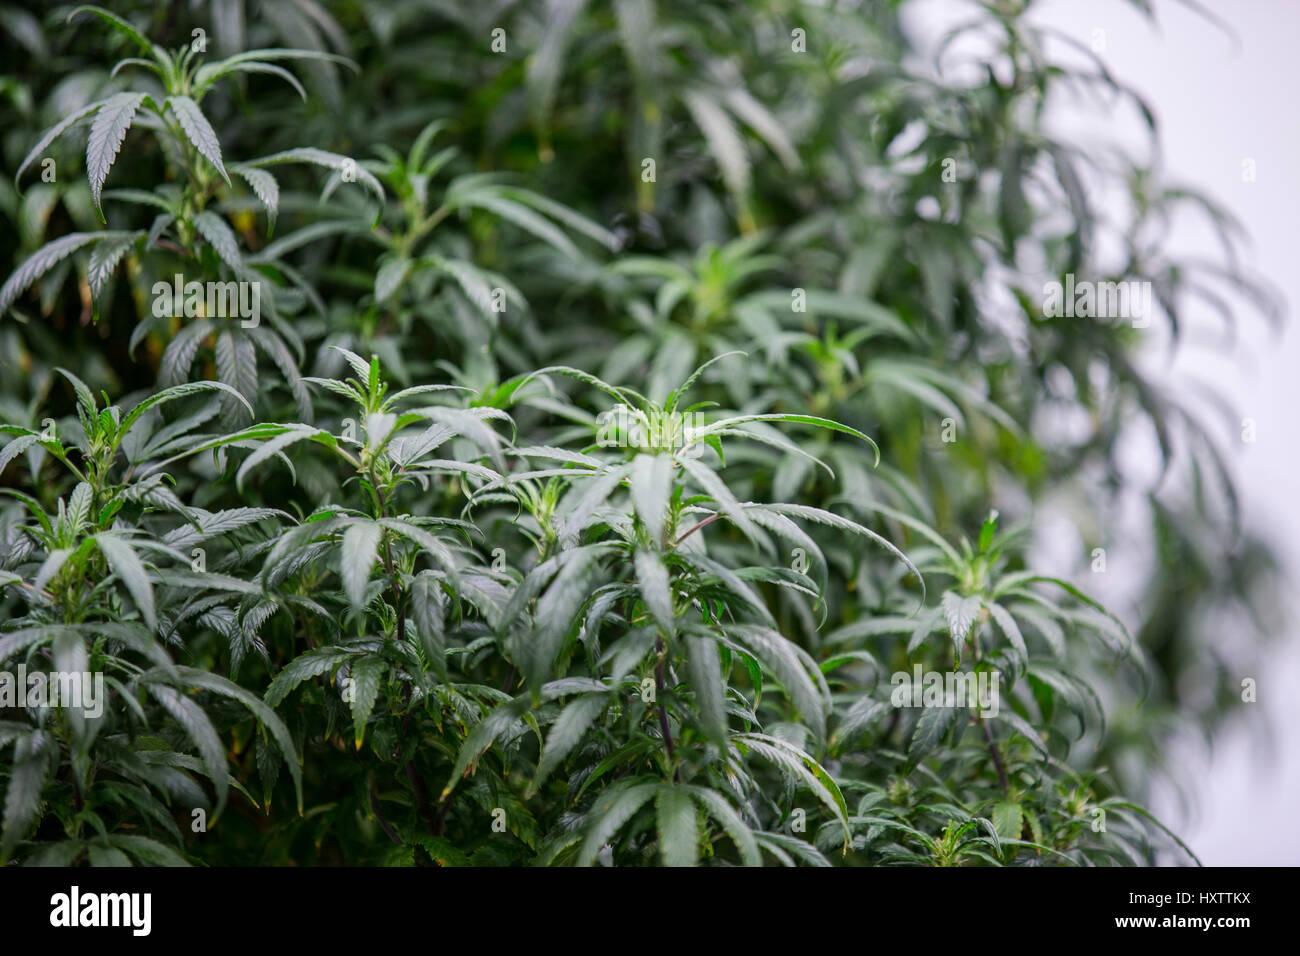 Plants de cannabis se développent à l\'intérieur d\'une installation ...